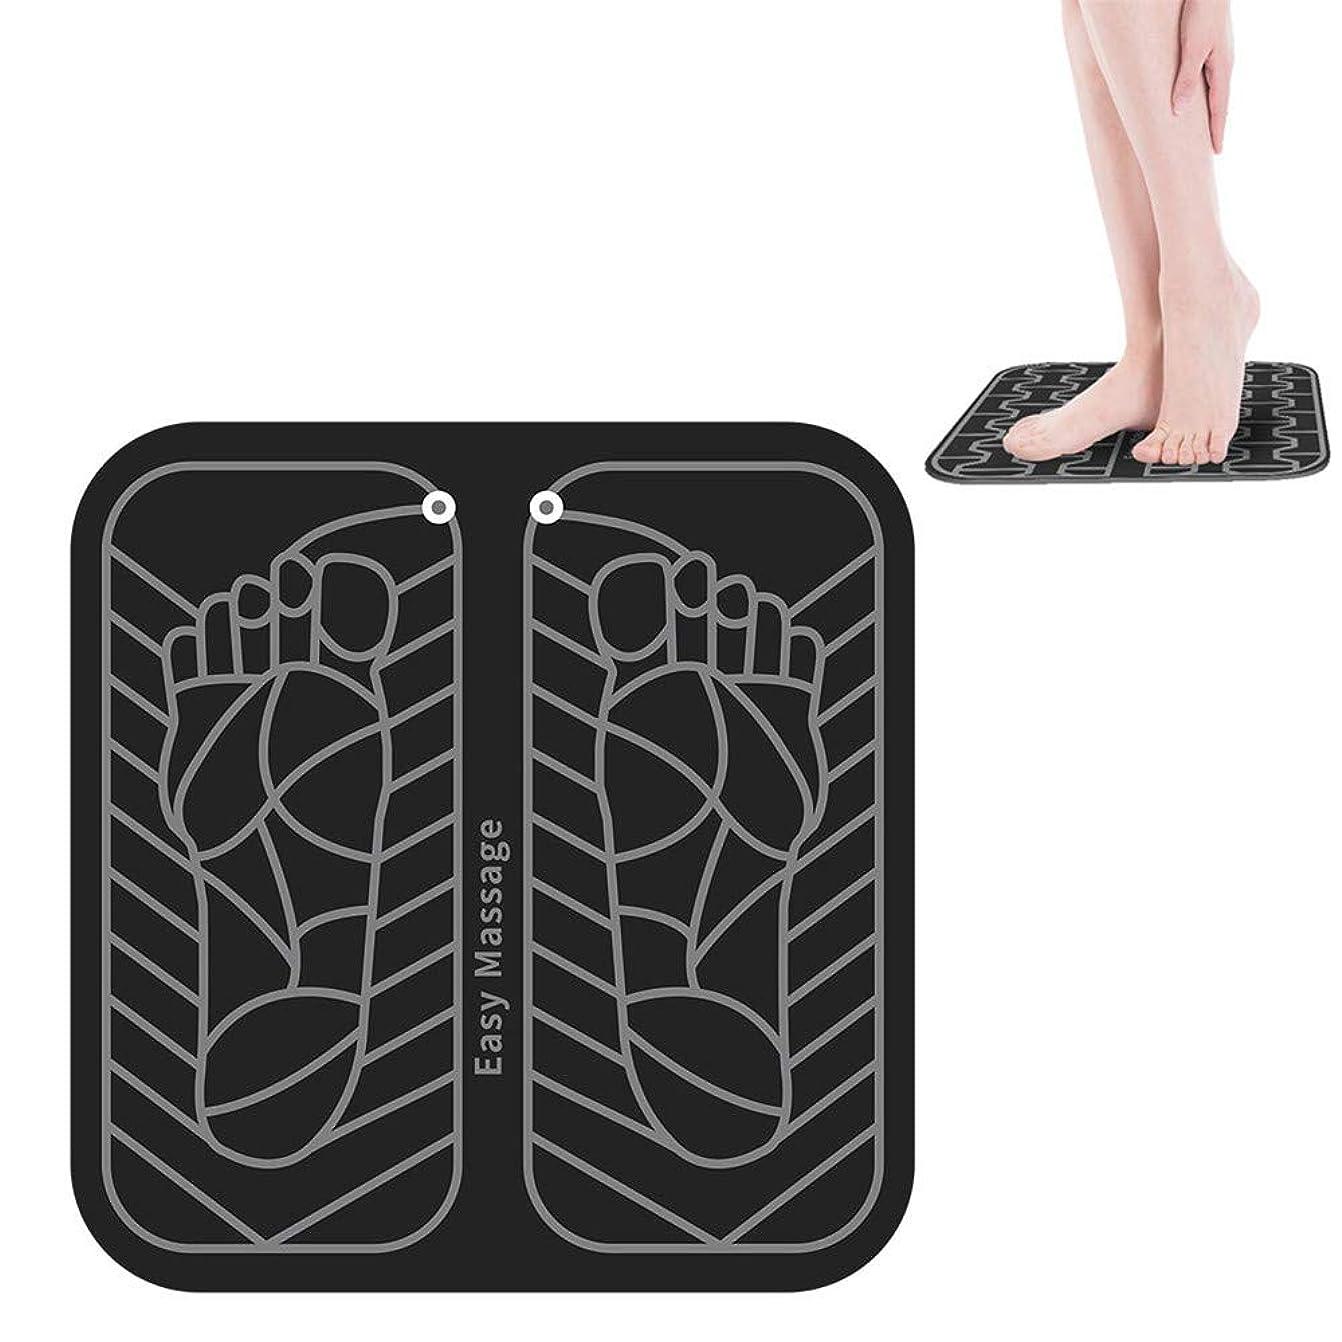 感謝する唯一ドリンクEMSインテリジェントフットマッサージャーは、リモートコントロール血液循環筋肉の痛みを軽減を促進するための電気フットマッサージパッドパルス